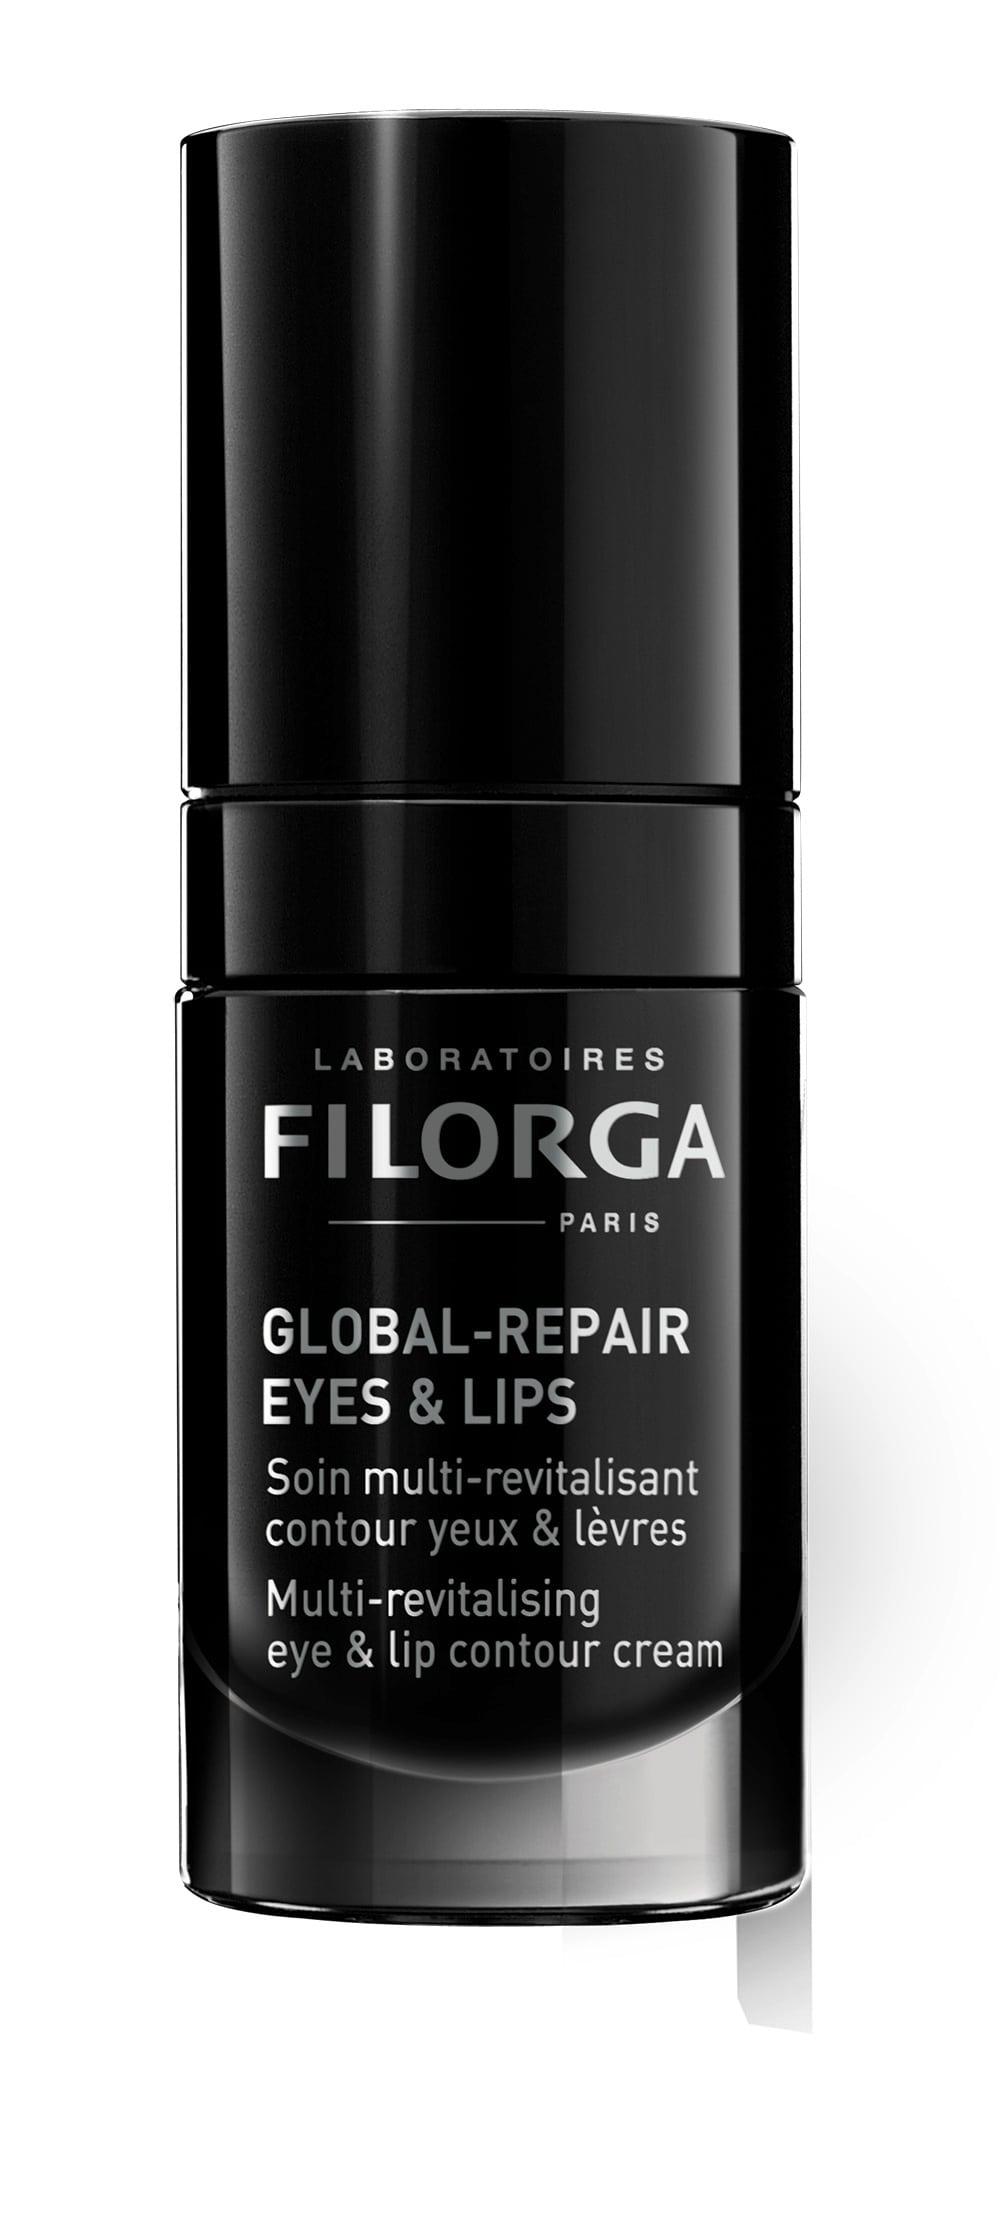 FILORGA GLOBAL REPAIR EYES & LIPS Azione intensiva per restituire vitalità ed elasticità alla pelle del contorno occhi ma anche del contorno labbra.